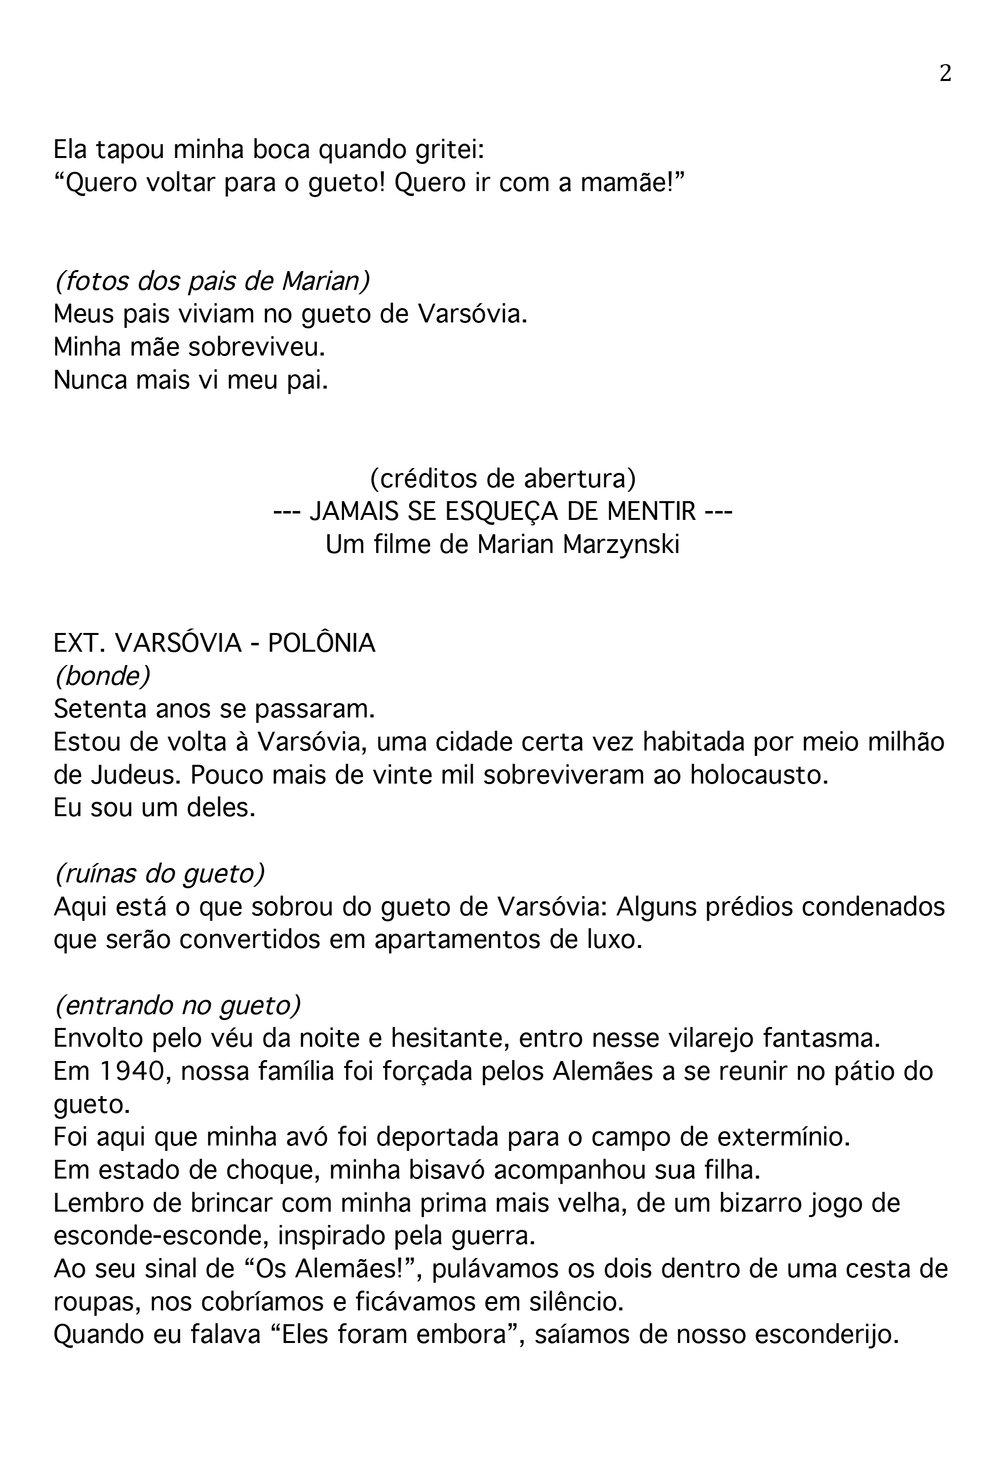 PORTUGUESE-SCRIPT-2.jpg